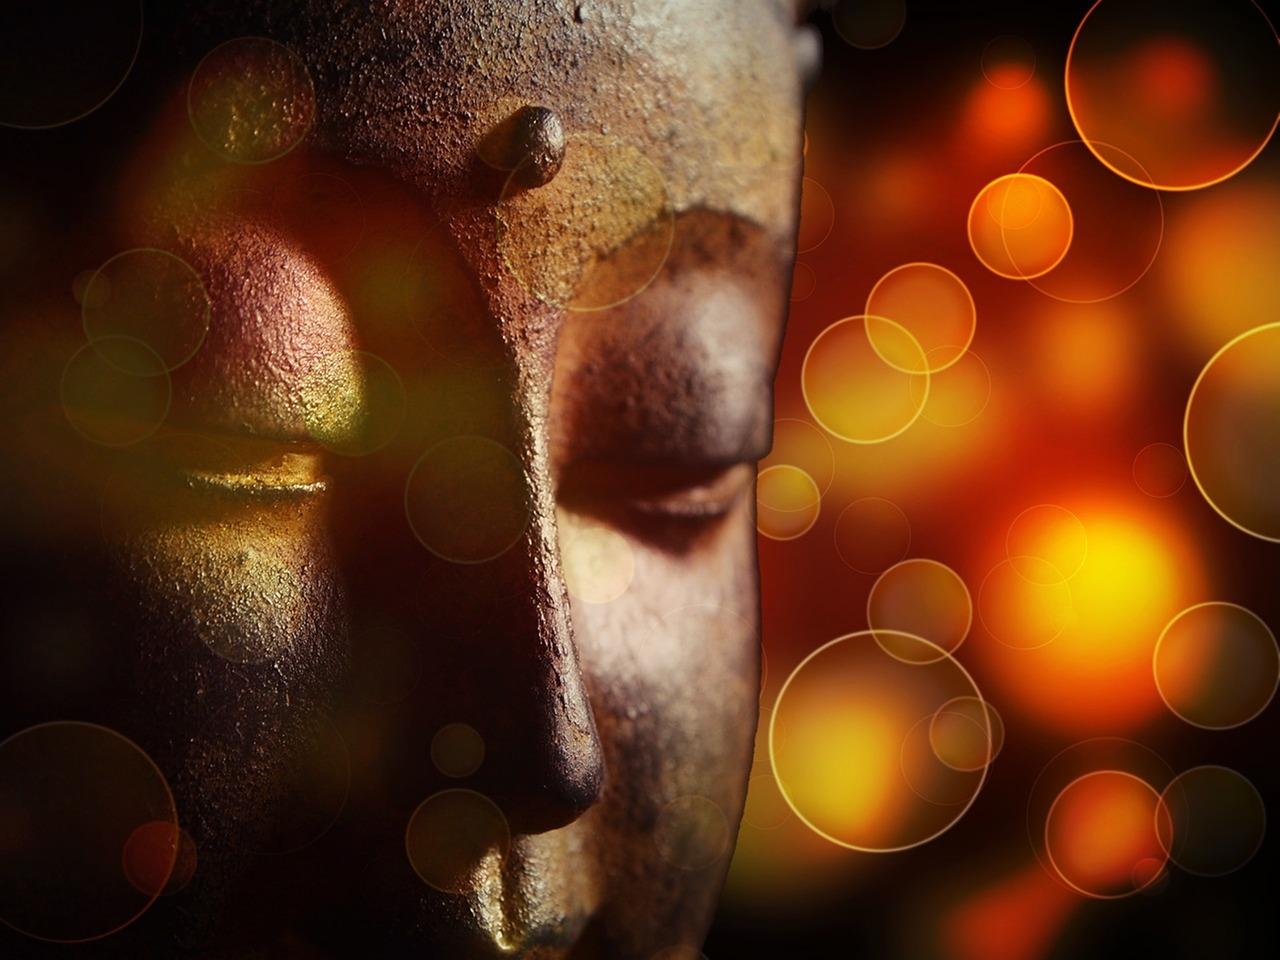 Raivo Juhanson korraldab om-mantra meditatsiooni